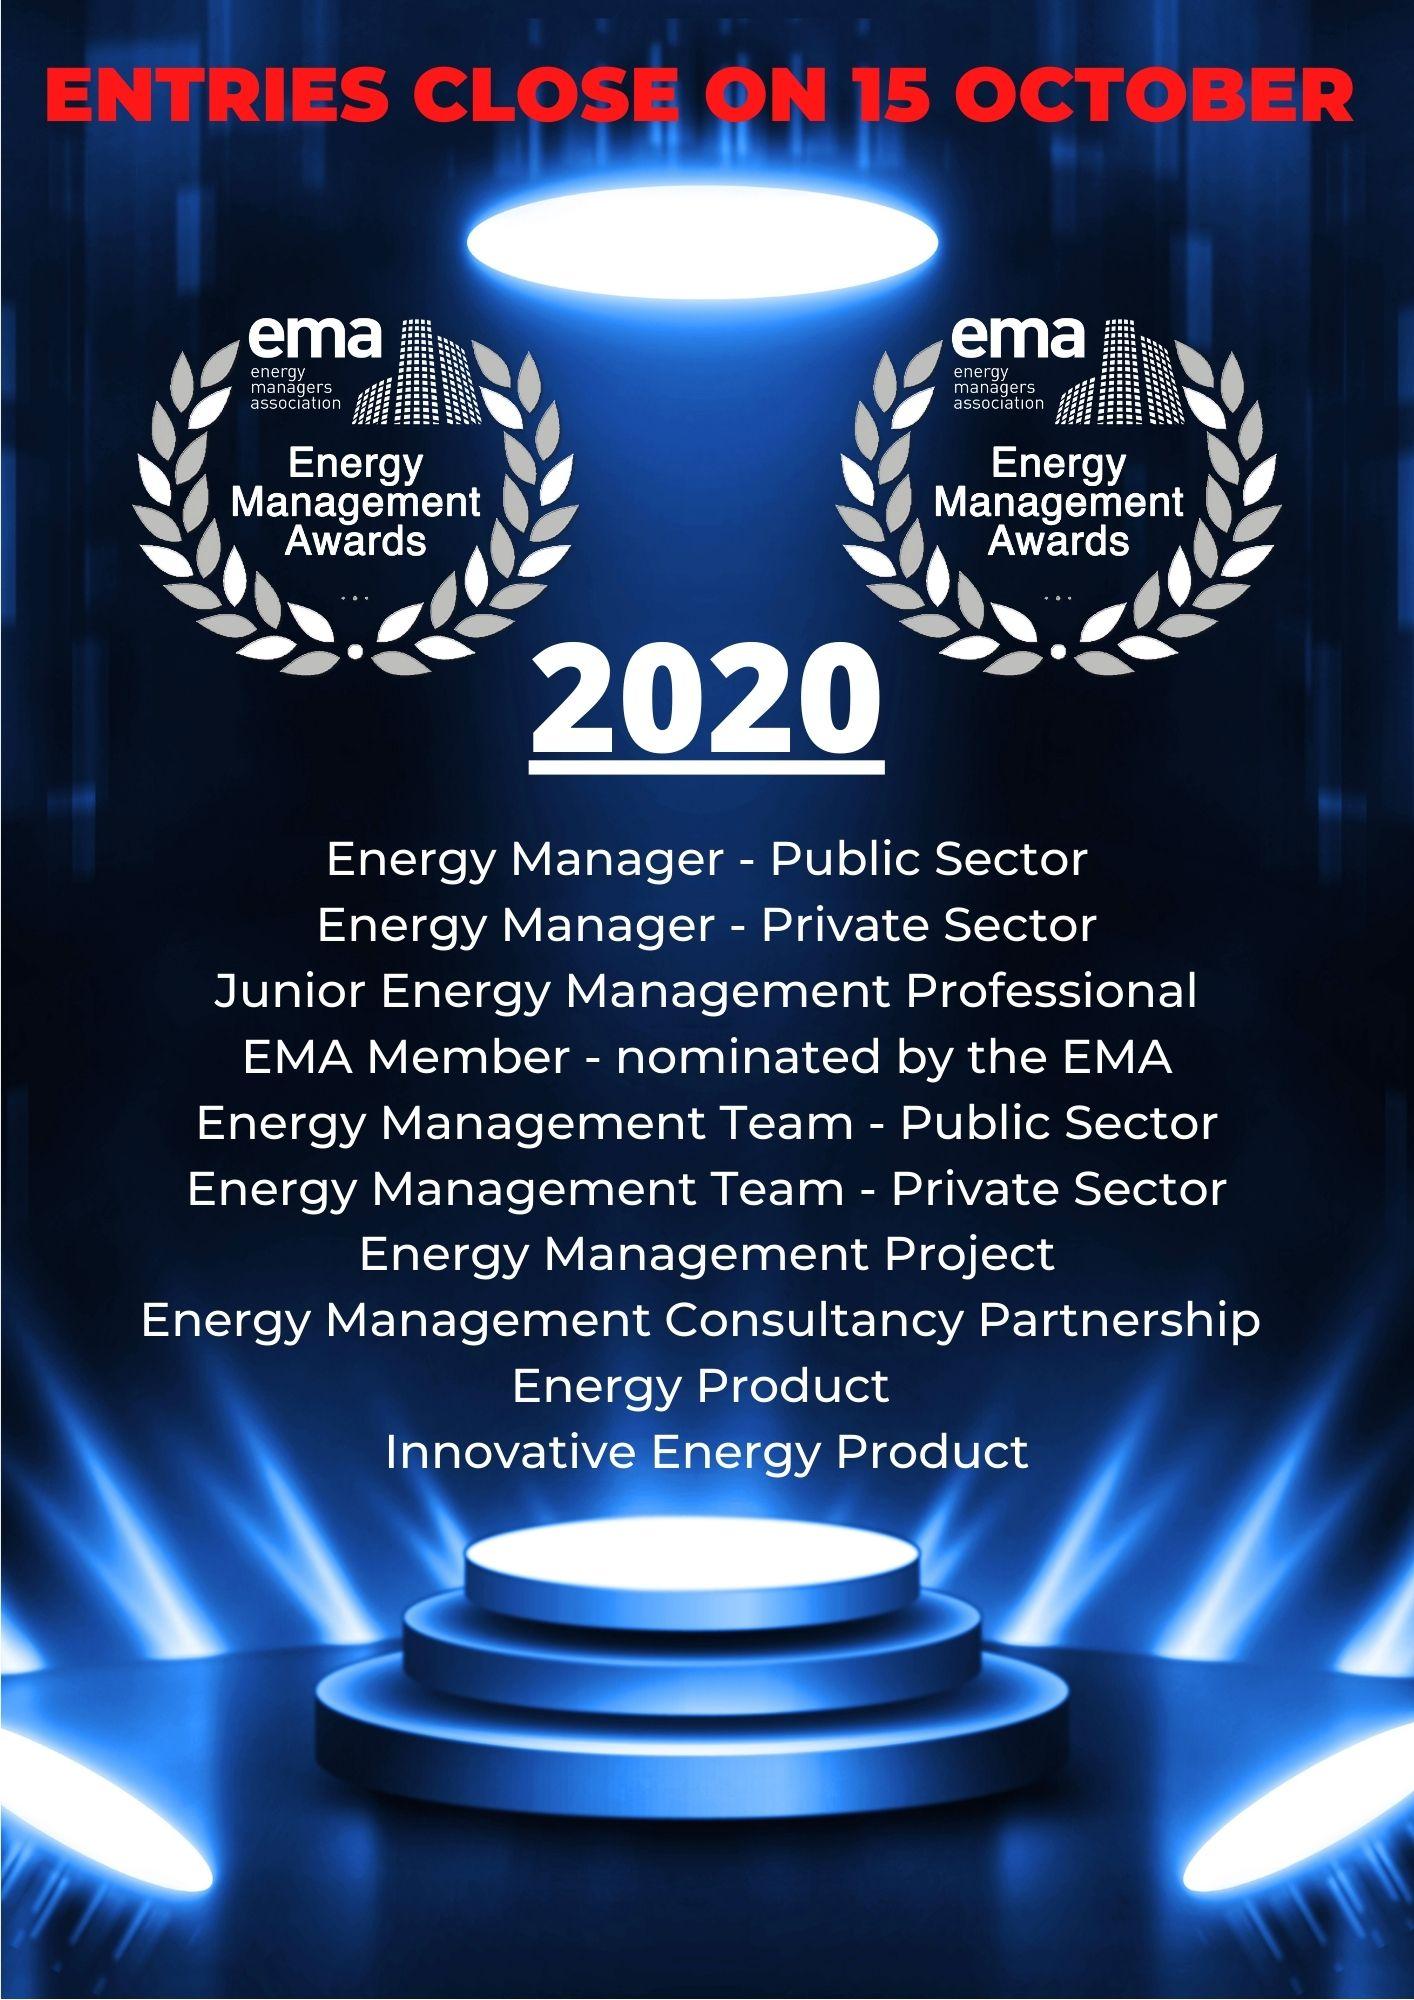 Awards 2020 Close 15 October